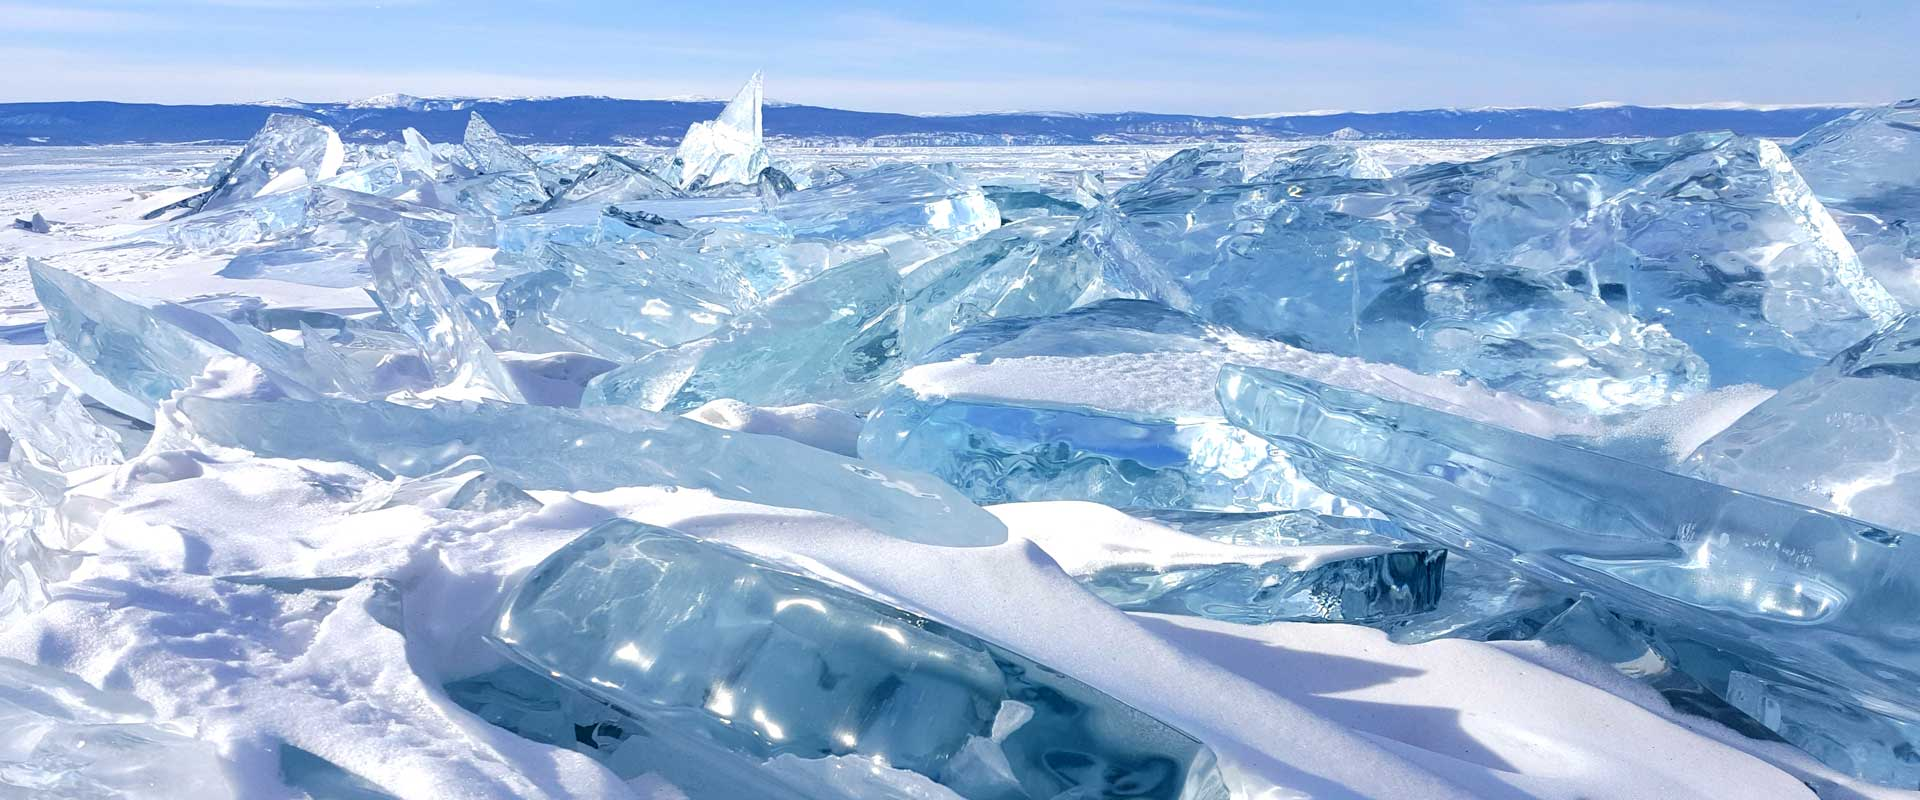 Sicher gehen auf Eis und Schnee